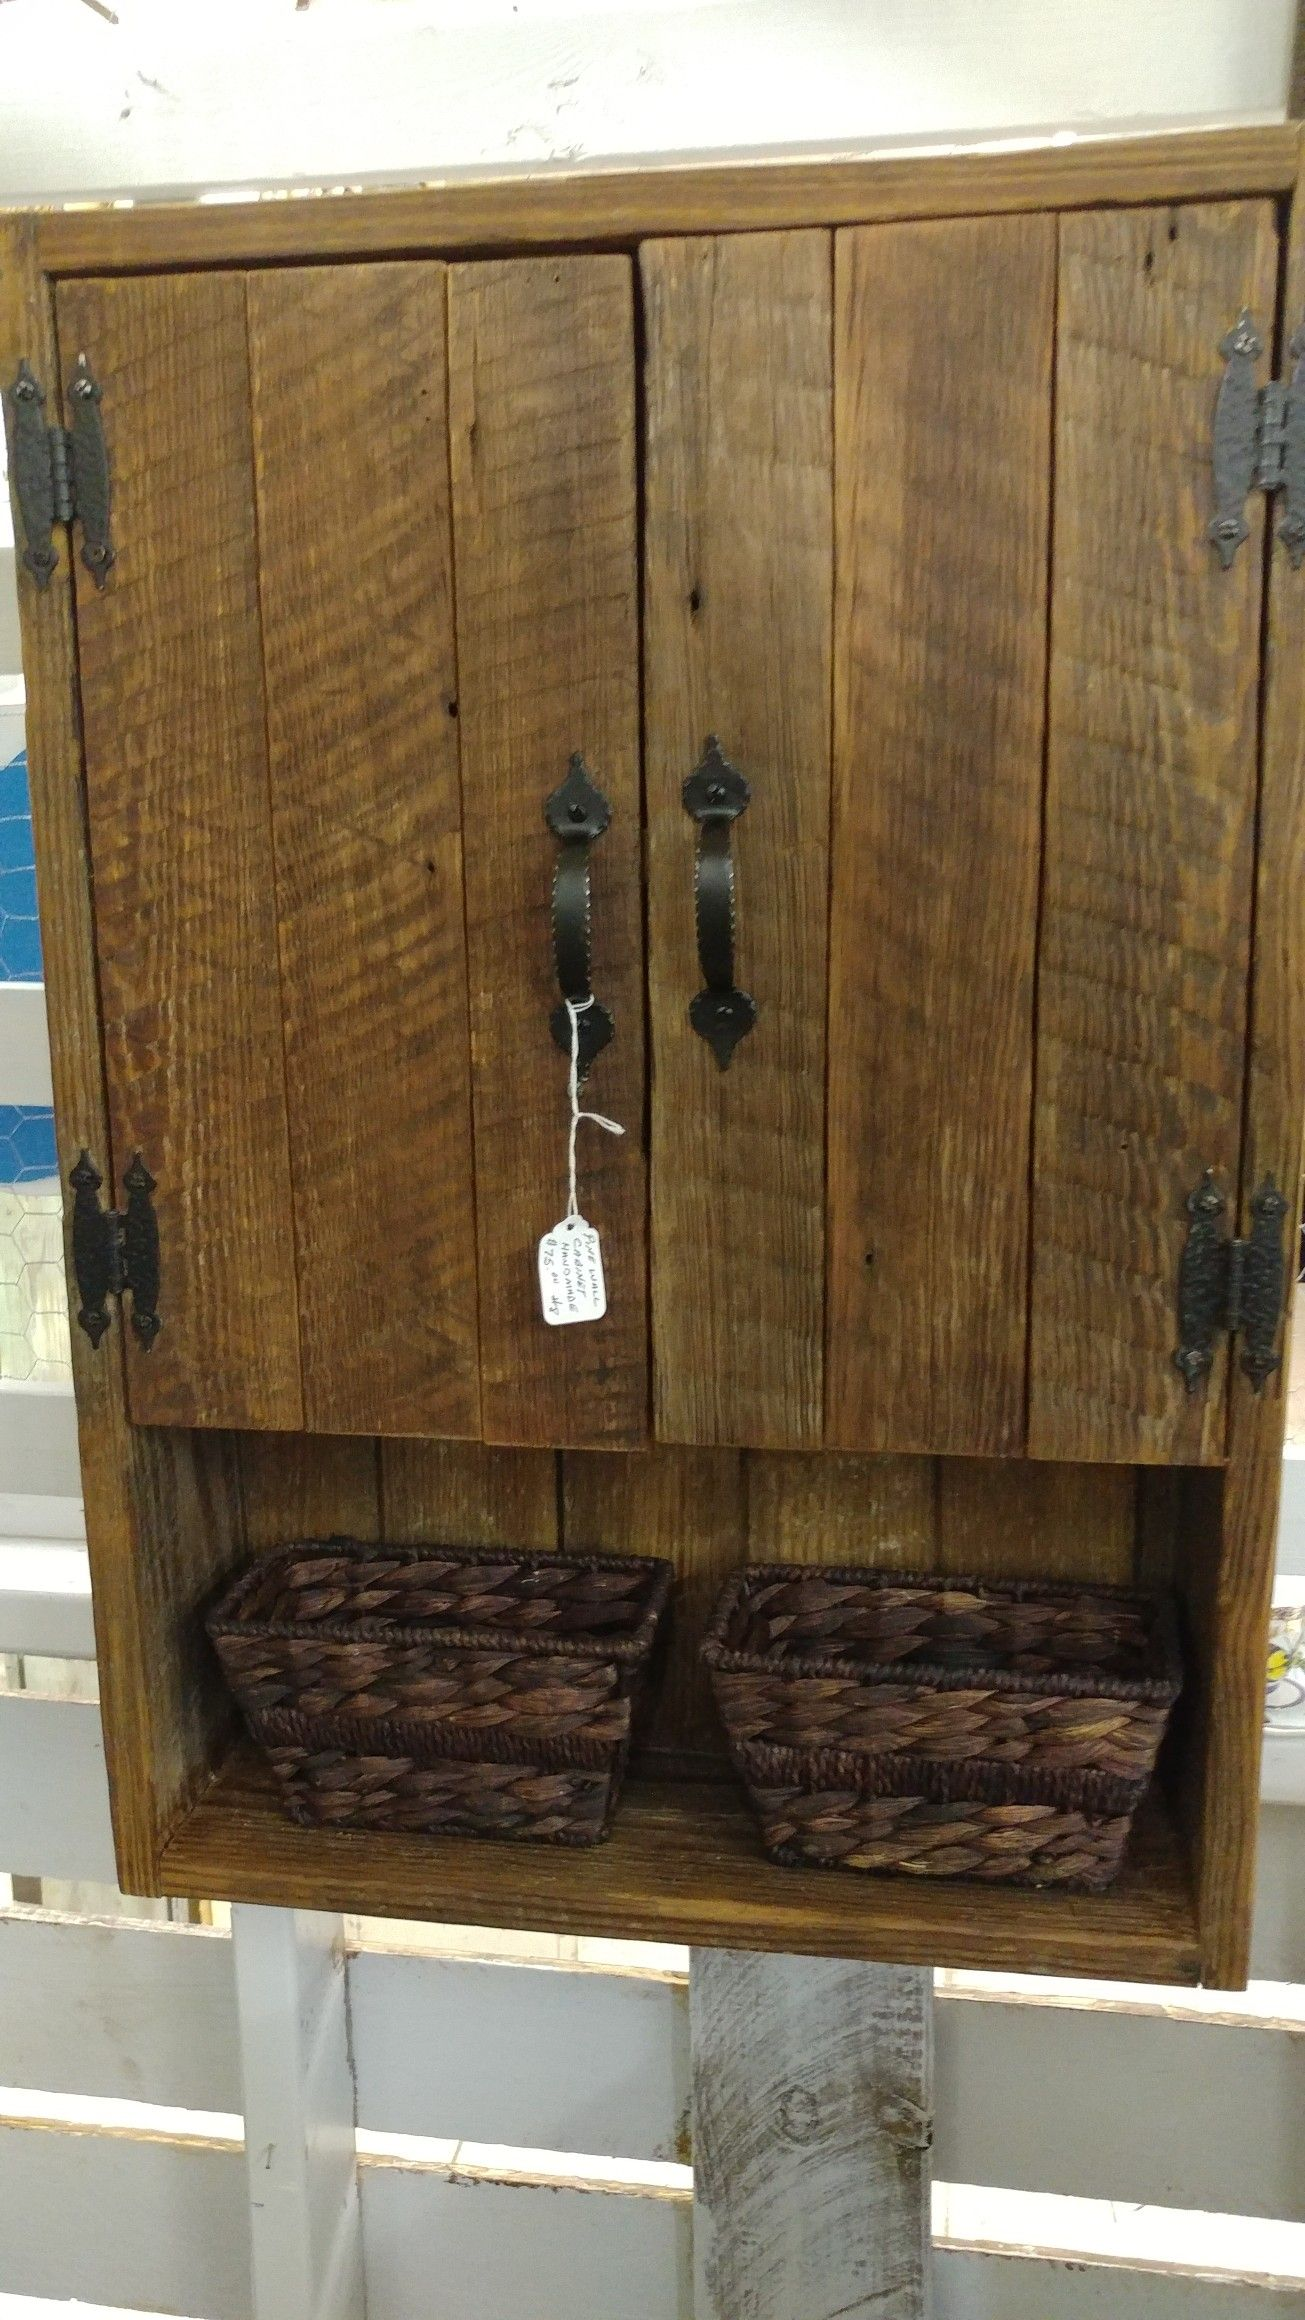 barnwood wall cabinet bathroom cabinets diy diy on wall cabinets id=37221